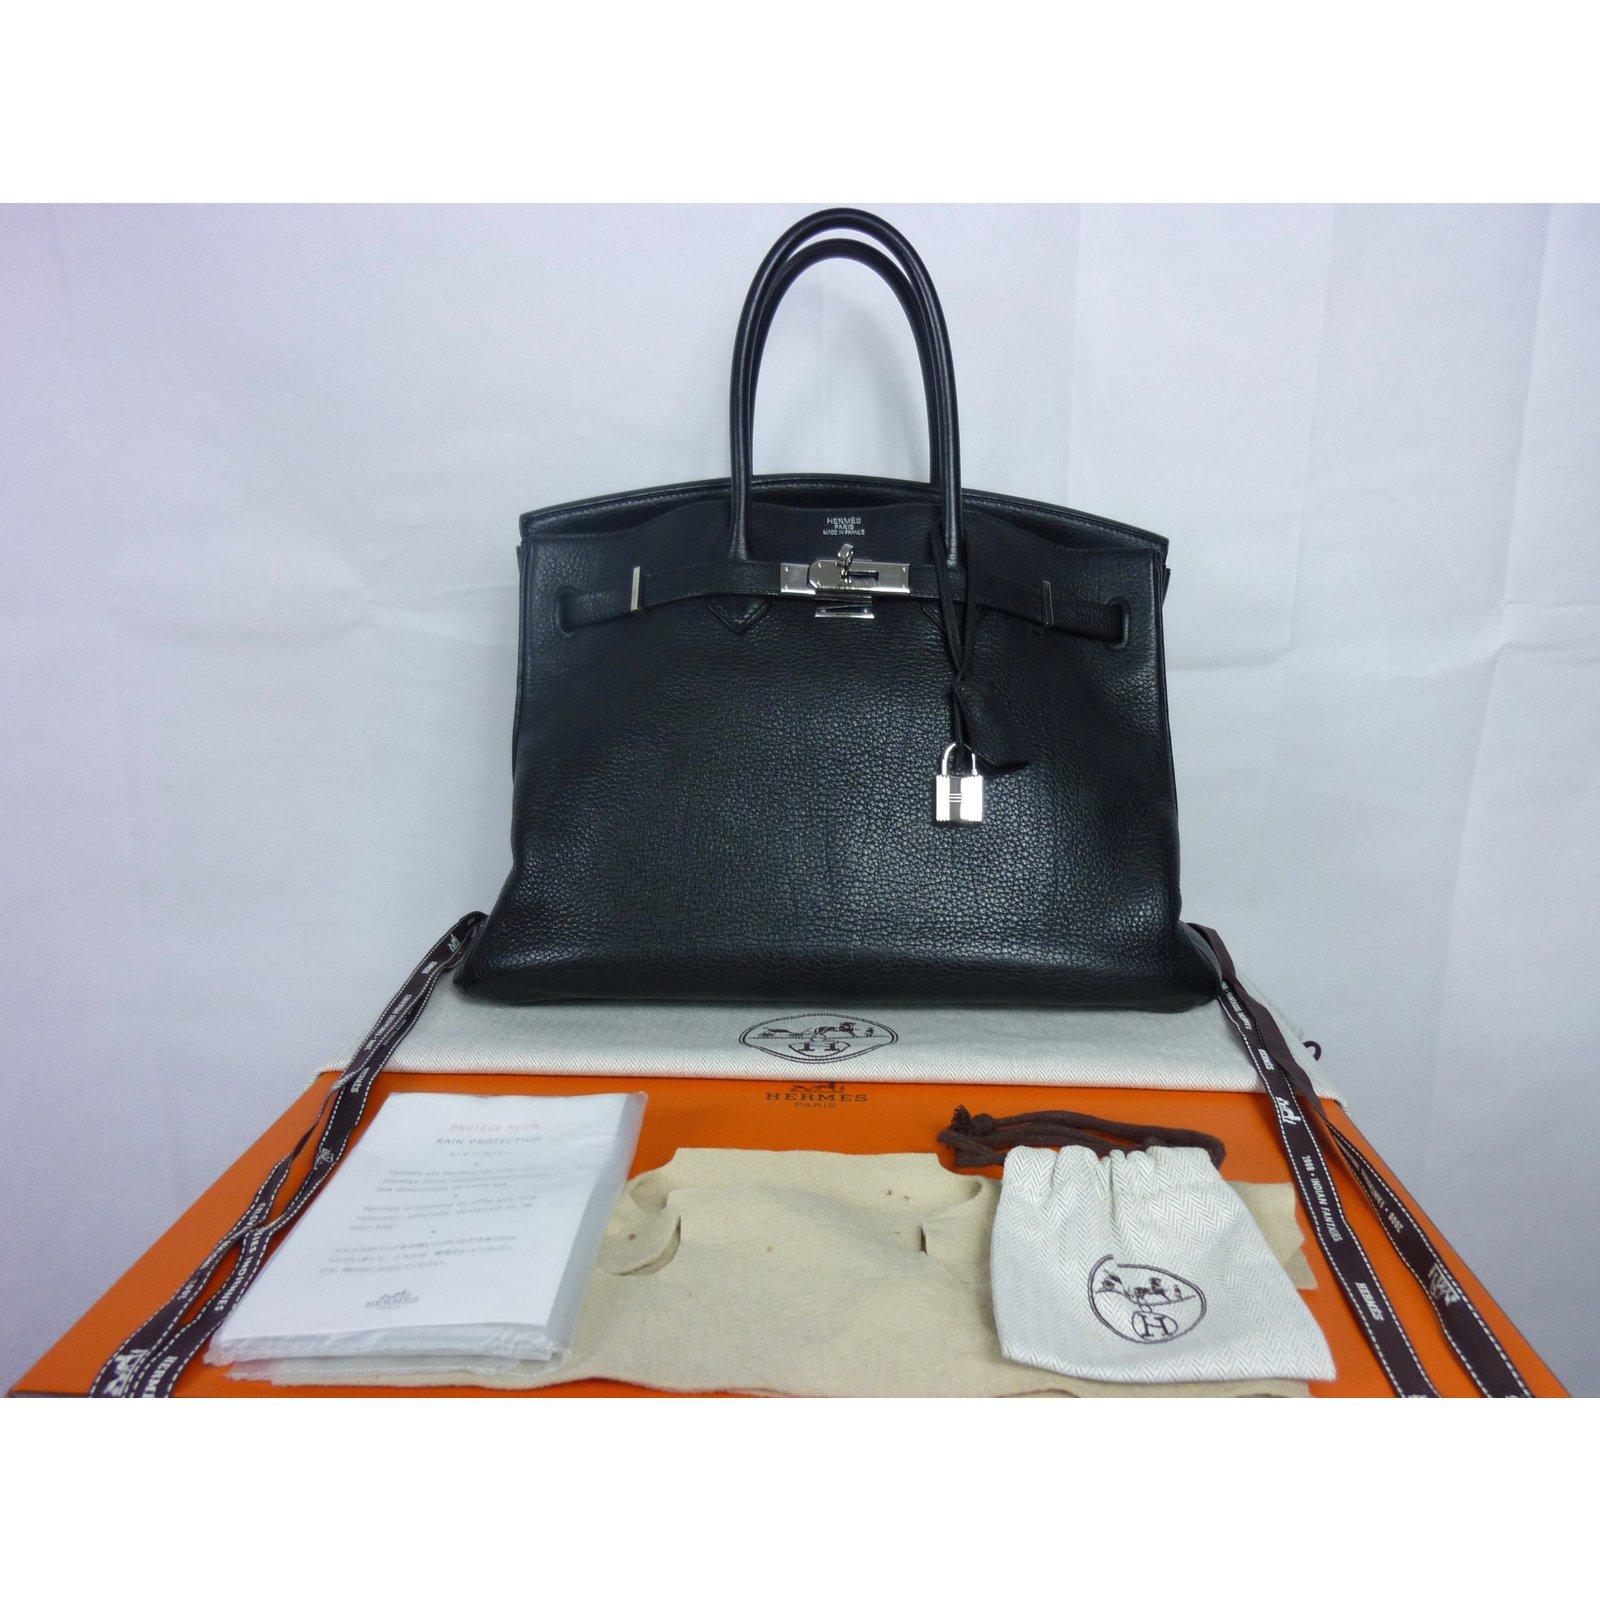 ca6b5a85bc Sacs à main Hermès Sac à main Hermès Birkin 35 en cuir Togo noir en  excellent état! Cuir Noir ref.33970 - Joli Closet